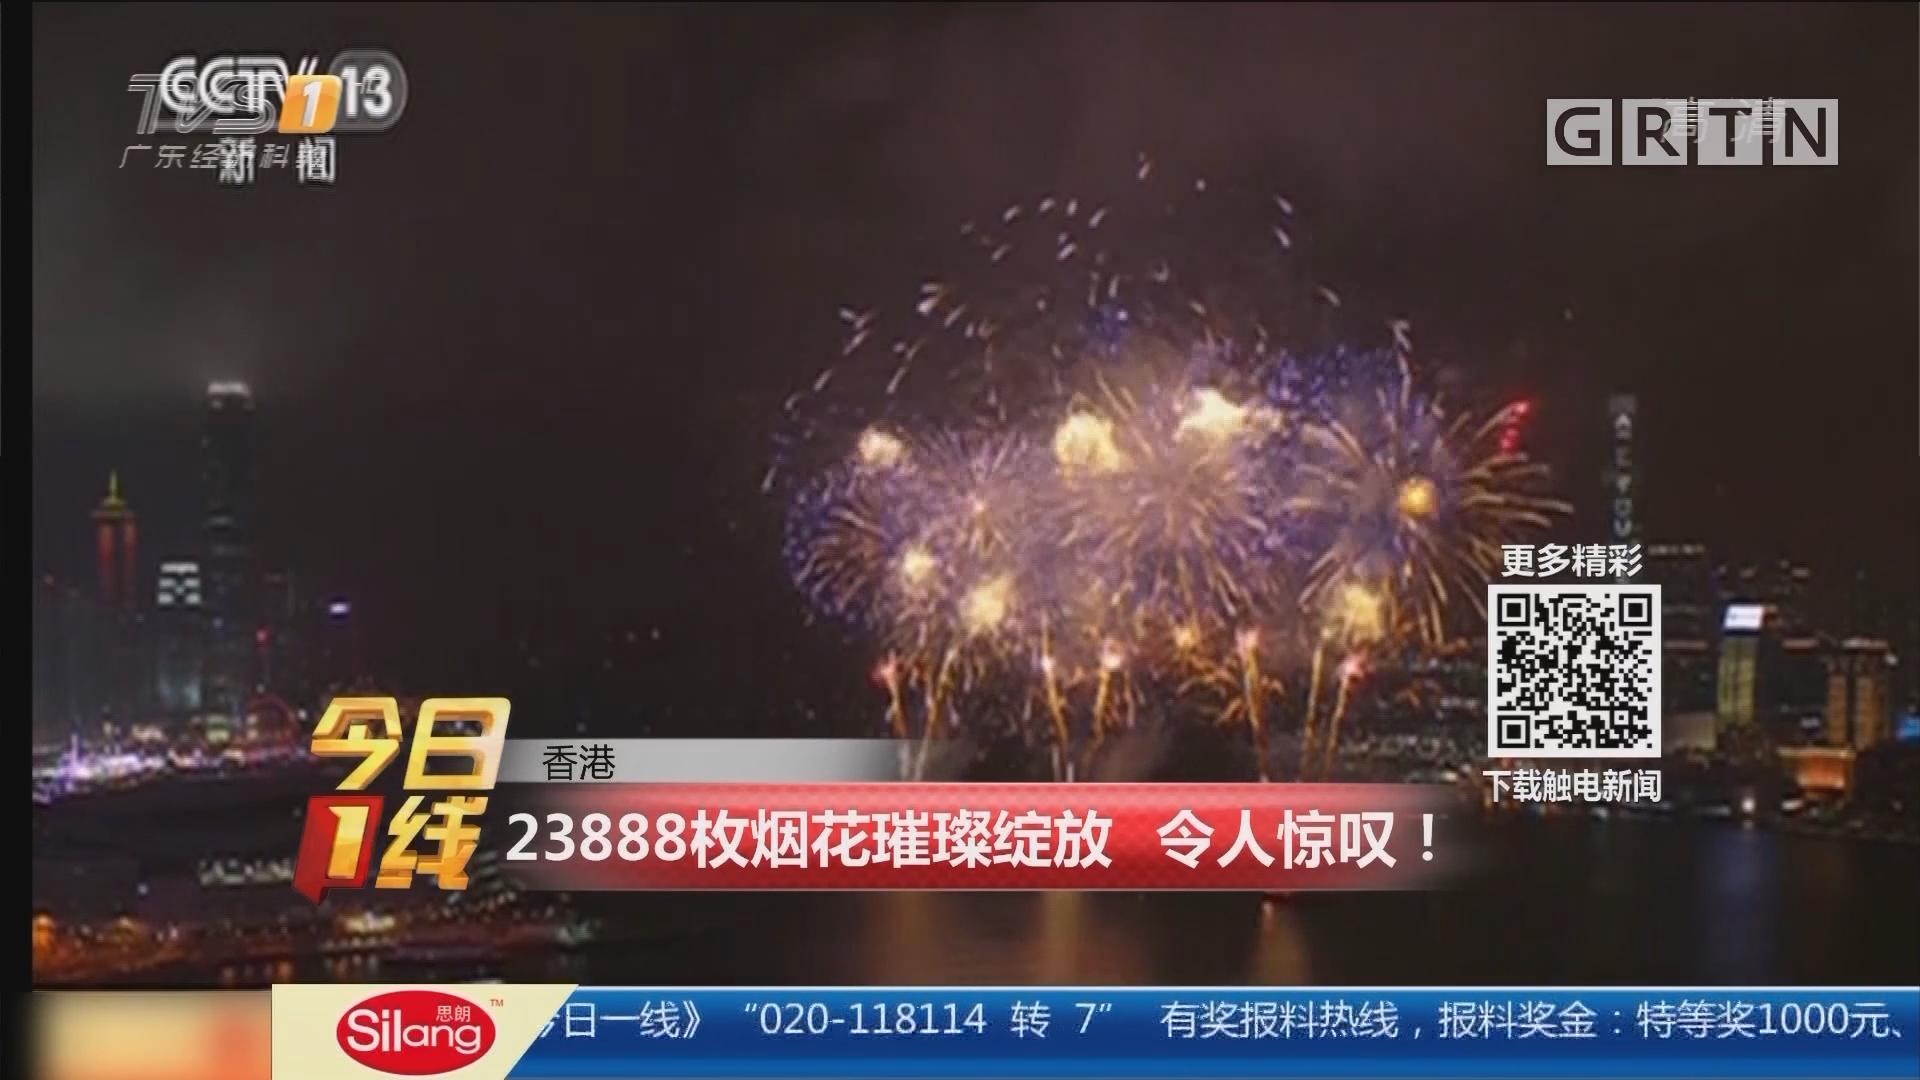 香港:23888枚烟花璀璨绽放 令人惊叹!